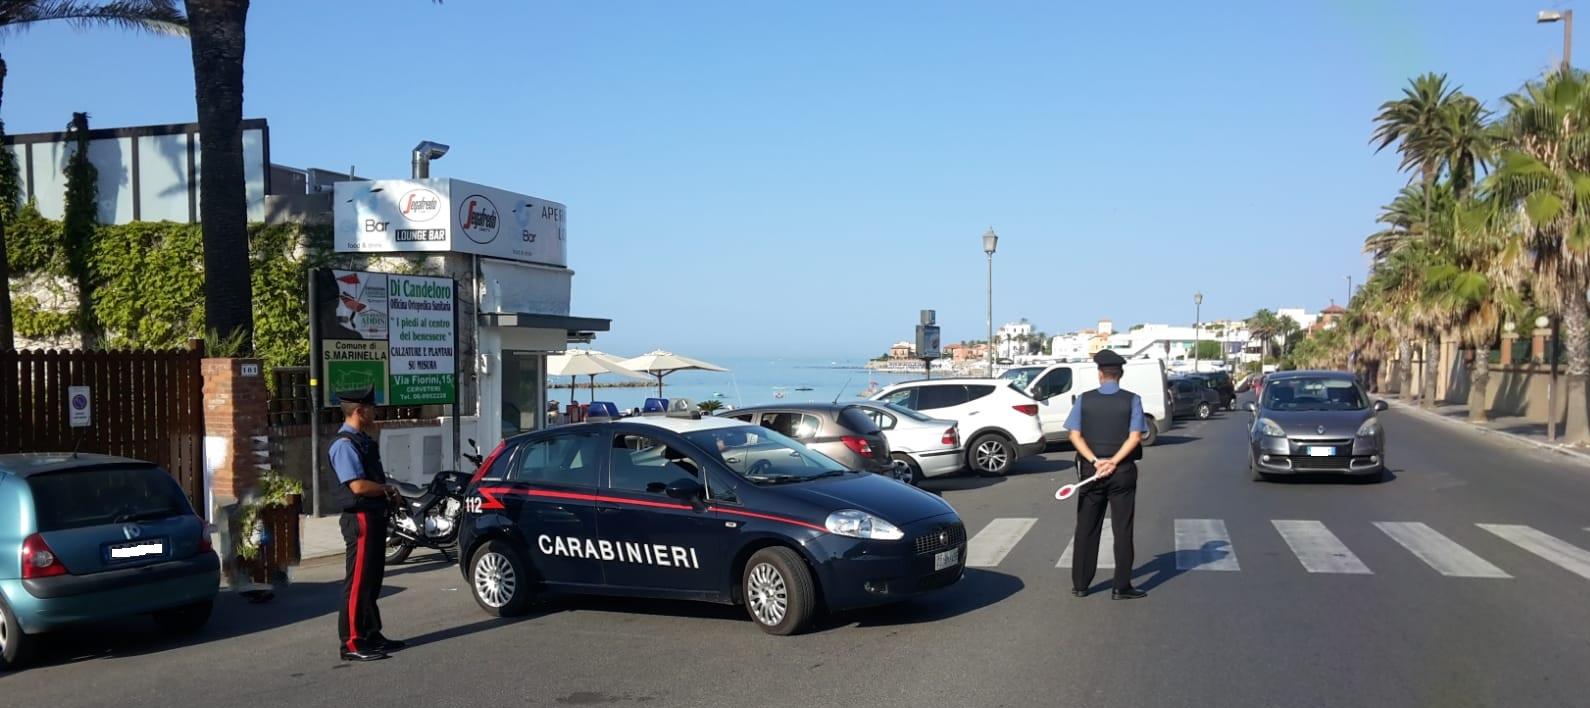 Due arresti da parte dei Carabinieri di Civitavecchia nell'ambito dei servizi di controllo del territorio